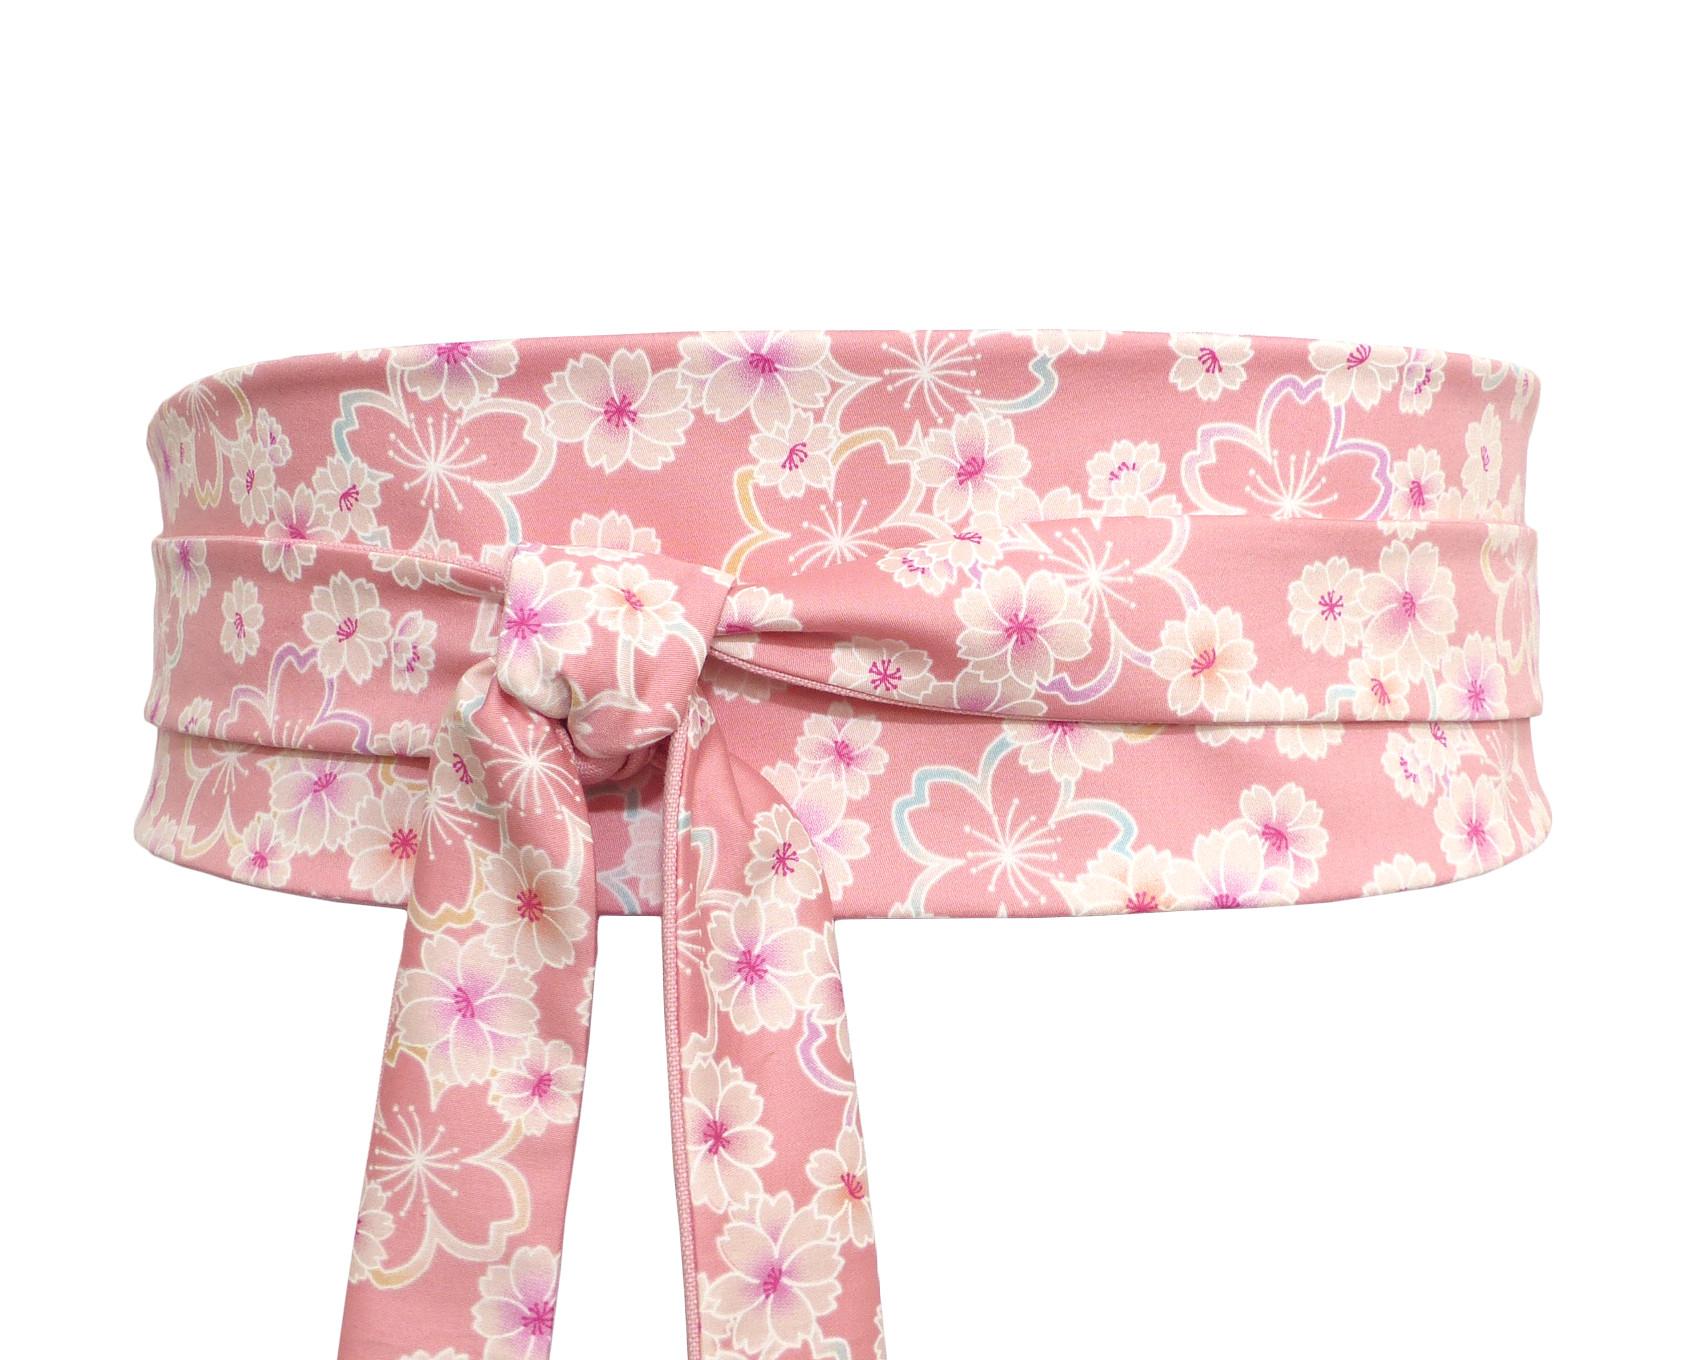 614beb0c89 ceinture obi rose à nouer, satin de coton japonais avec motif de fleurs de  cerisiers